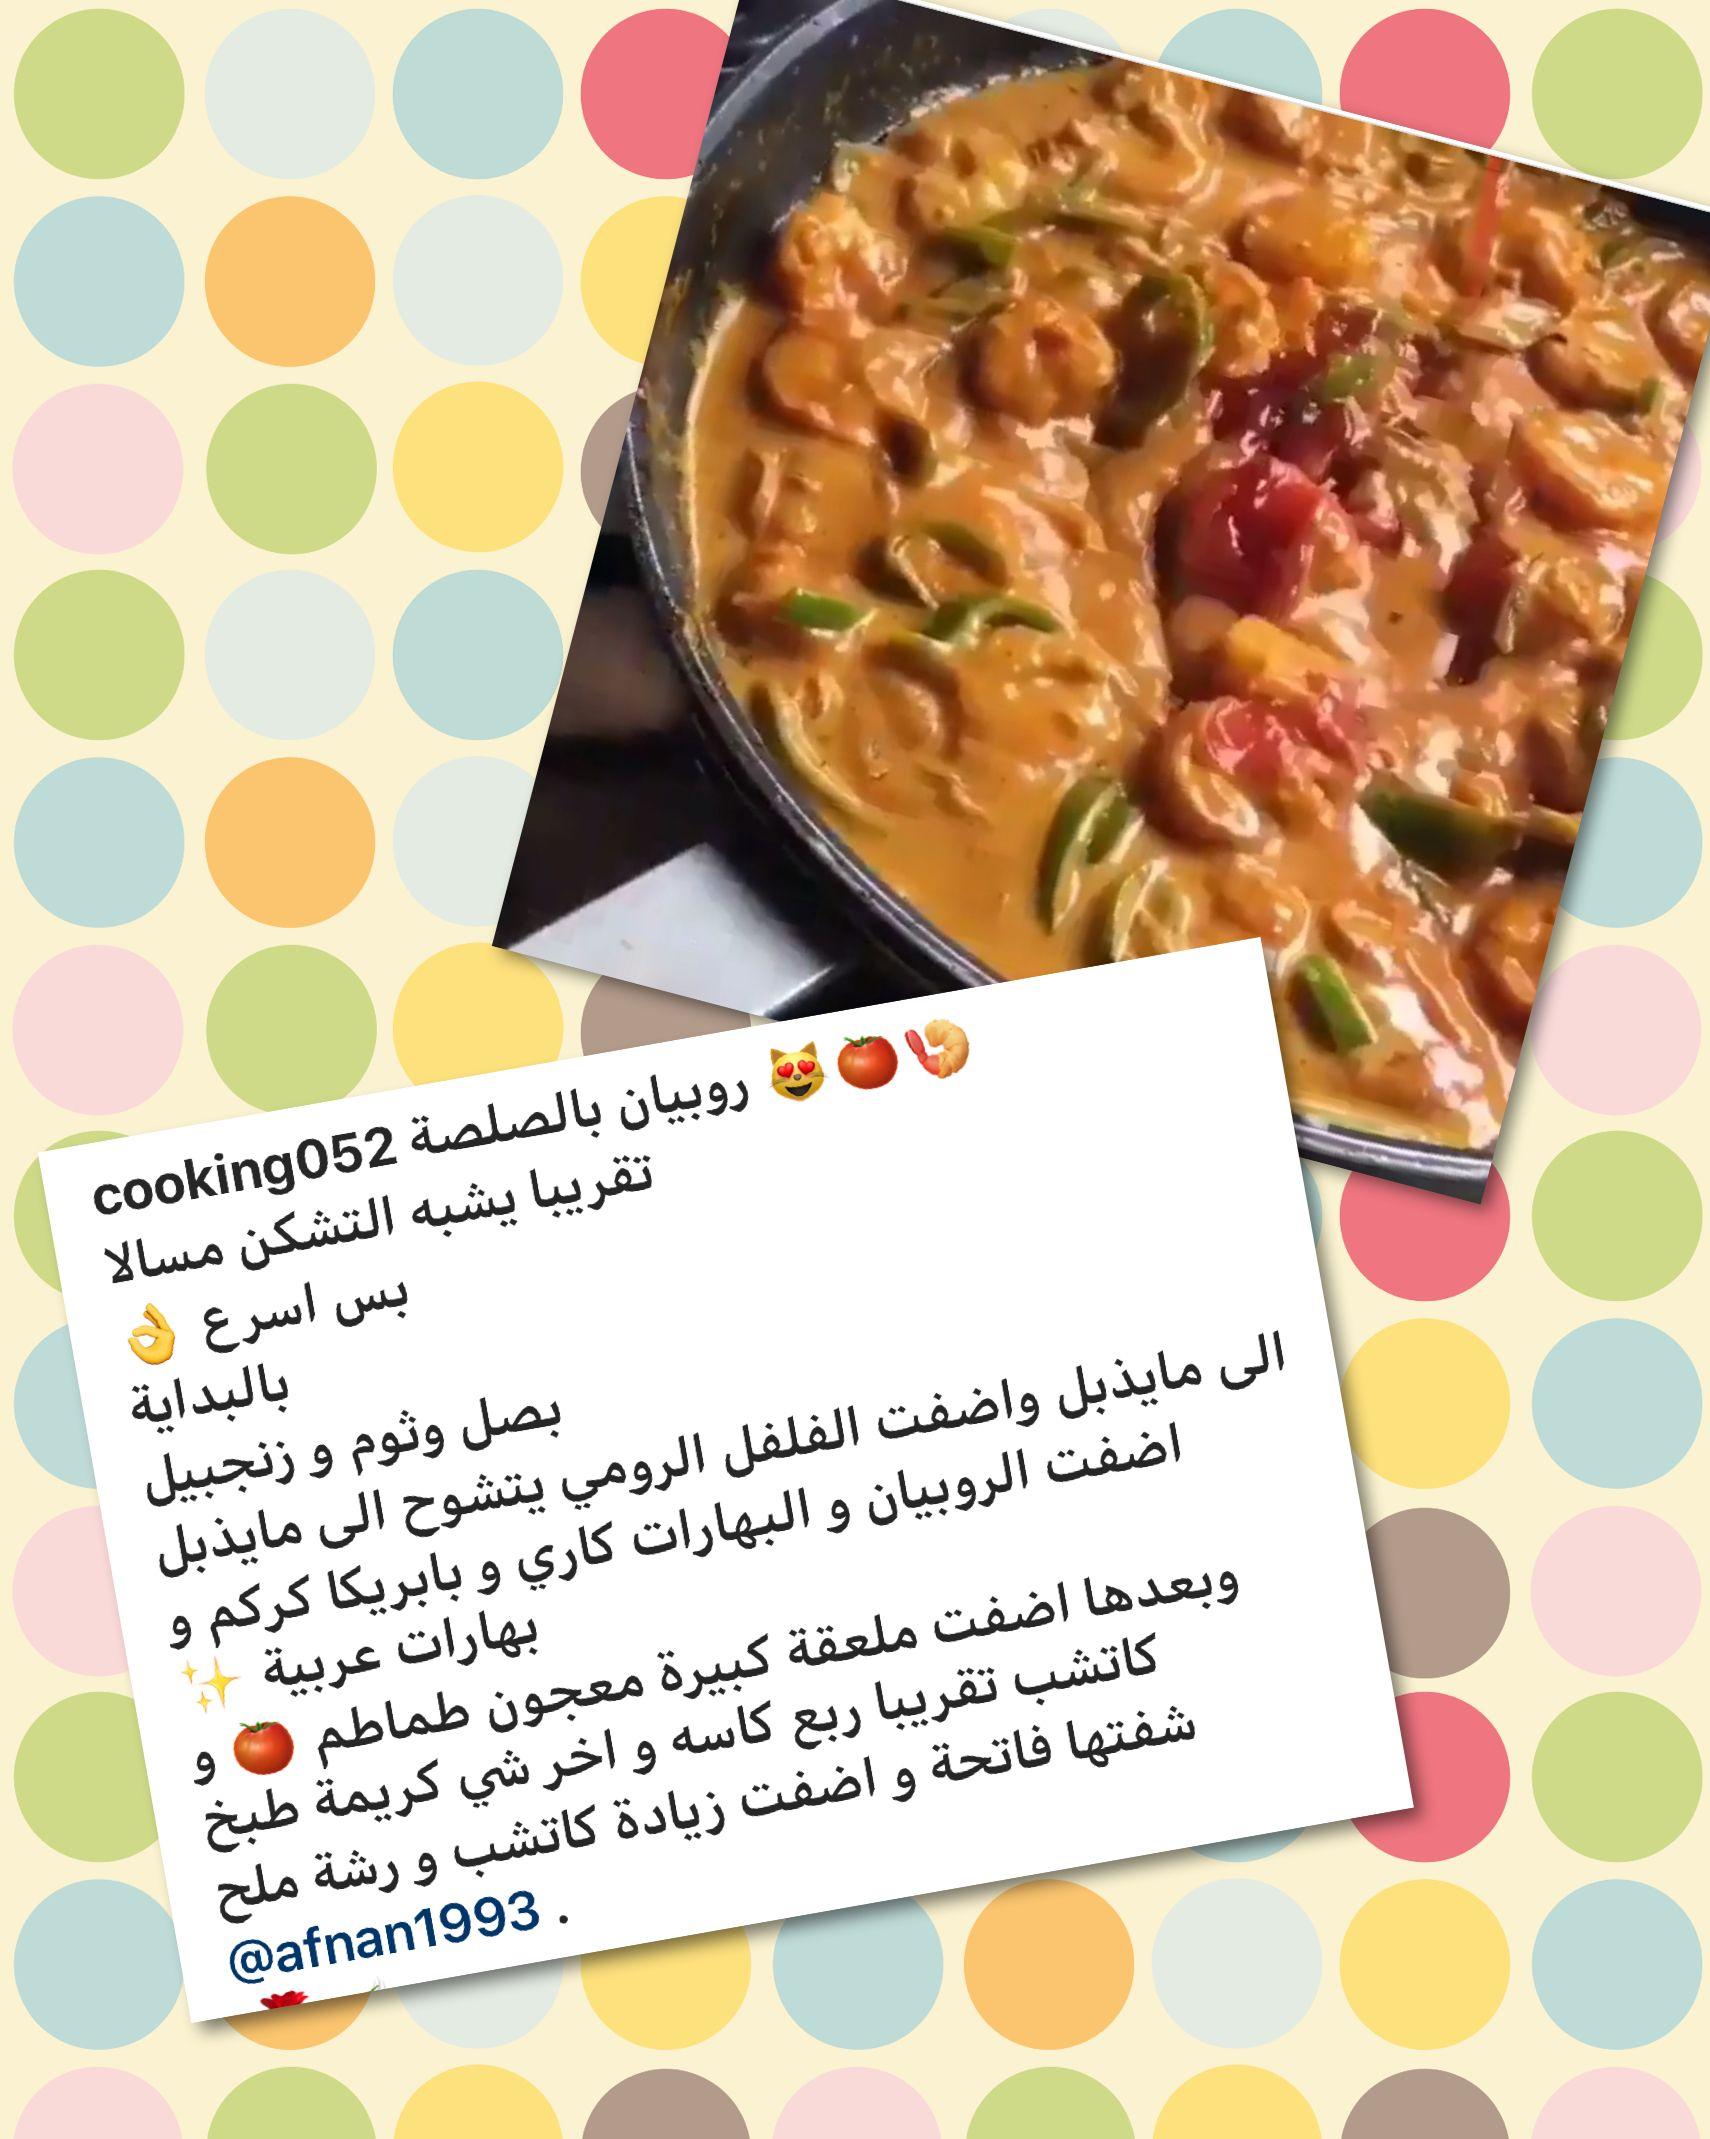 ربيان بالصلصه Food Tasting Recipes Cooking Recipes